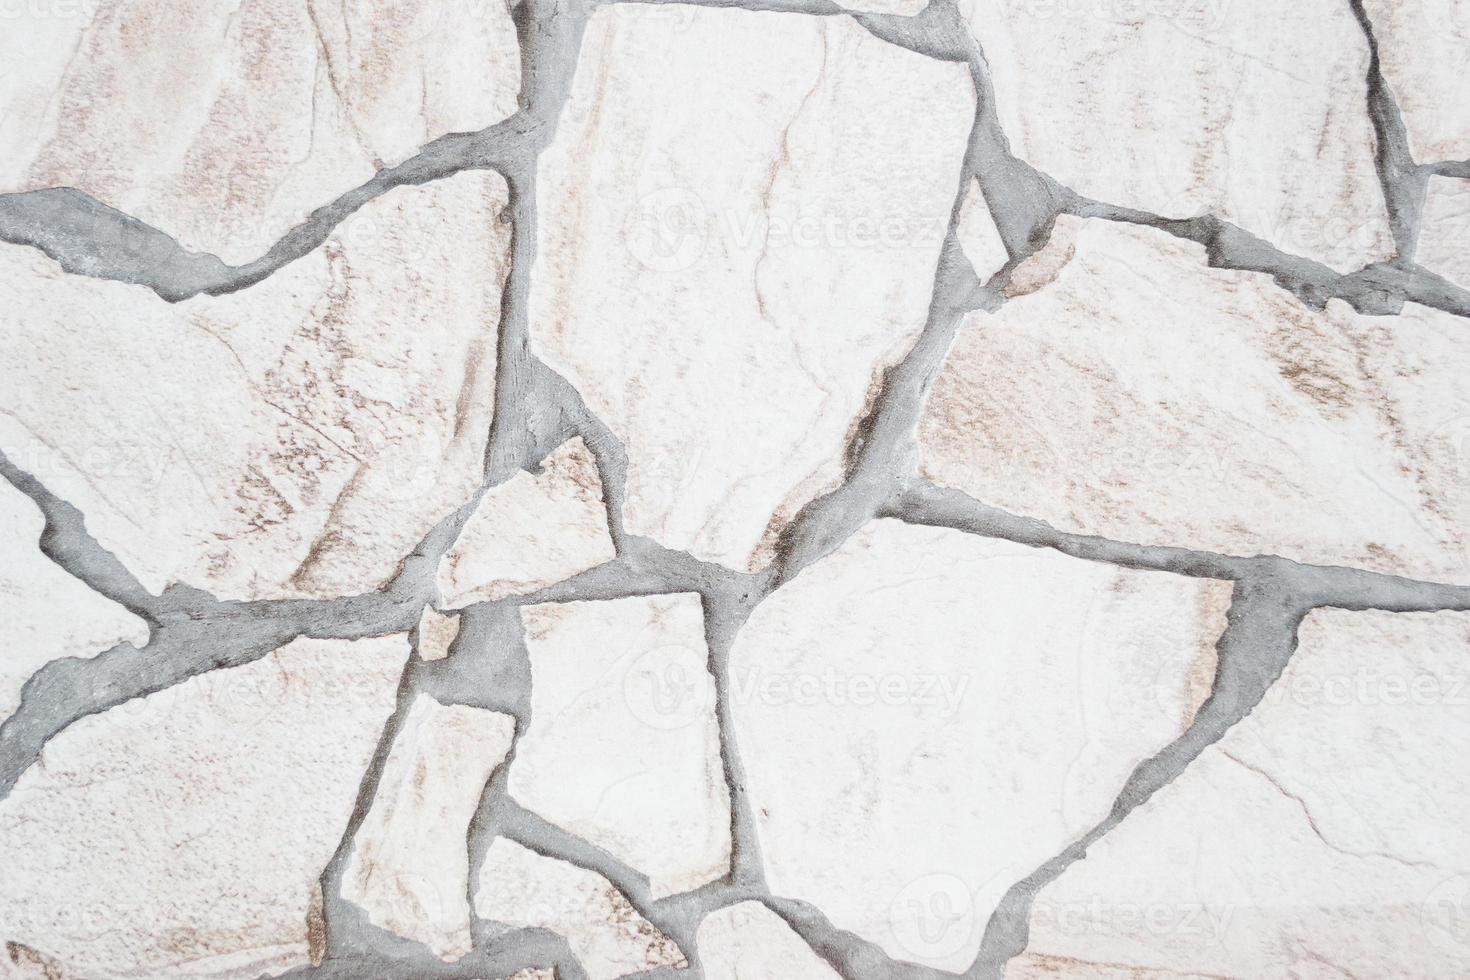 stenen achtergrond close-up foto